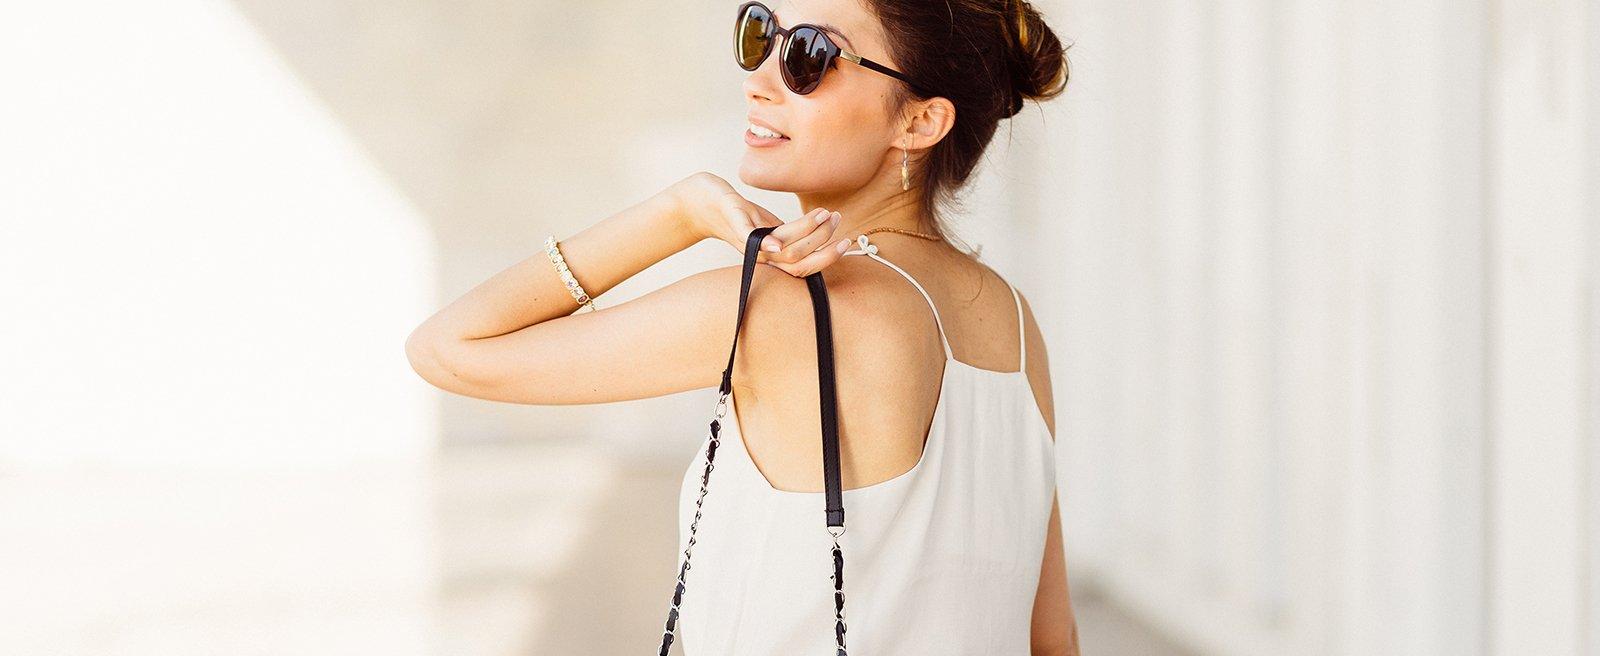 Boutique Minvats - L'Usine Mode & Maison